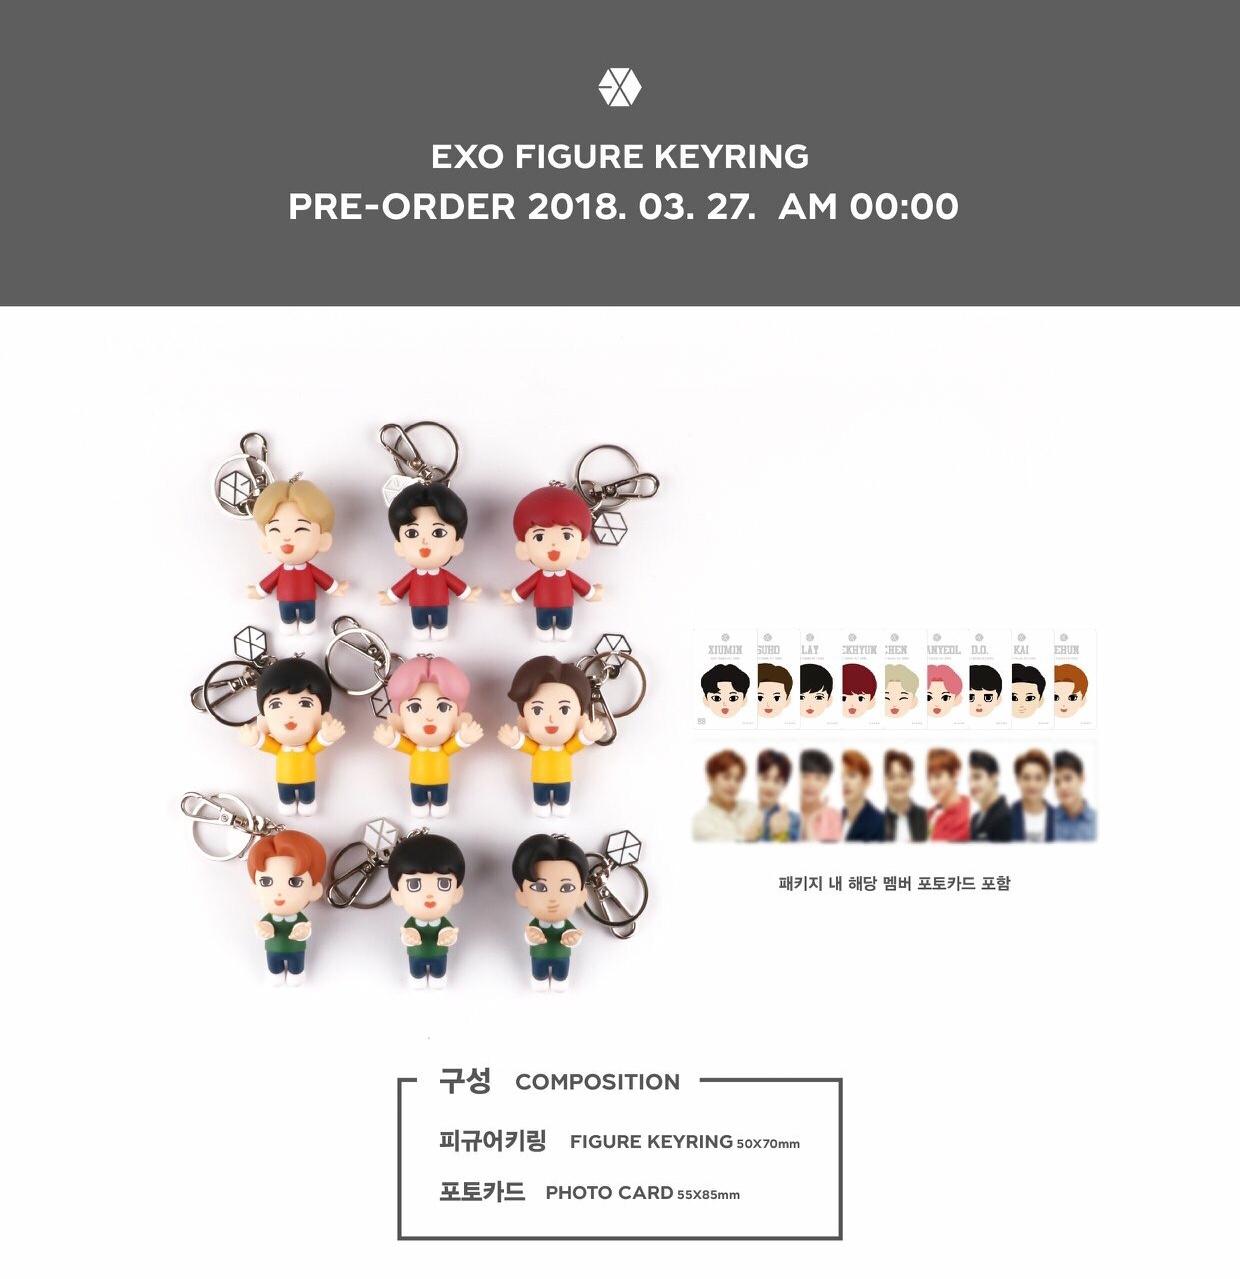 พวงกุญแจ [#EXO] FIGURE KEYRING (ระบุศิลปินที่ต้องการค่ะ)